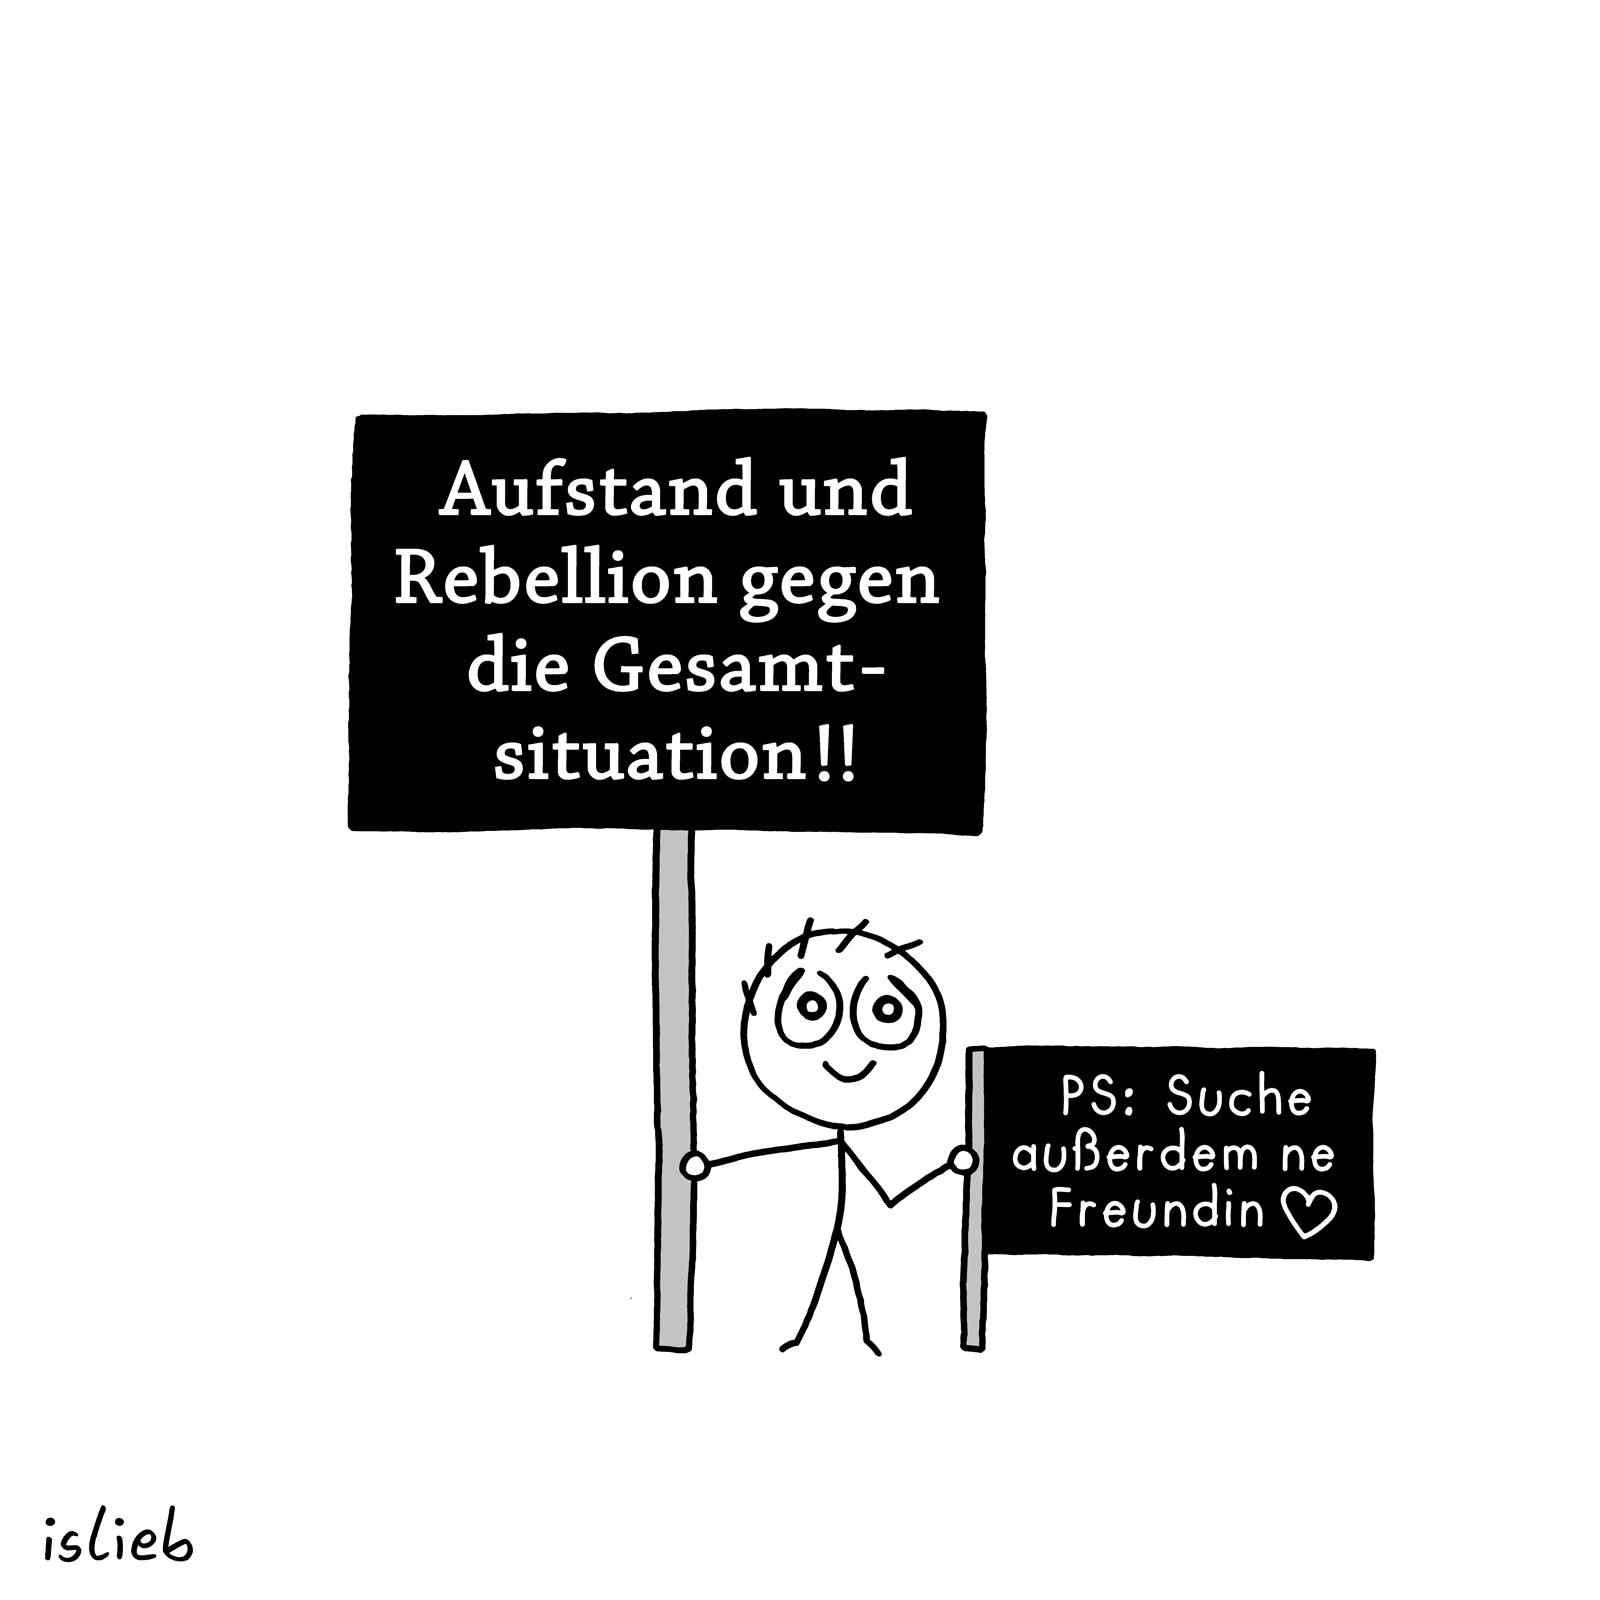 Schild, Schilder, Aufstand und Rebellion gegen die Gesamtsituation! PS: Suche außerdem ne Freundin.